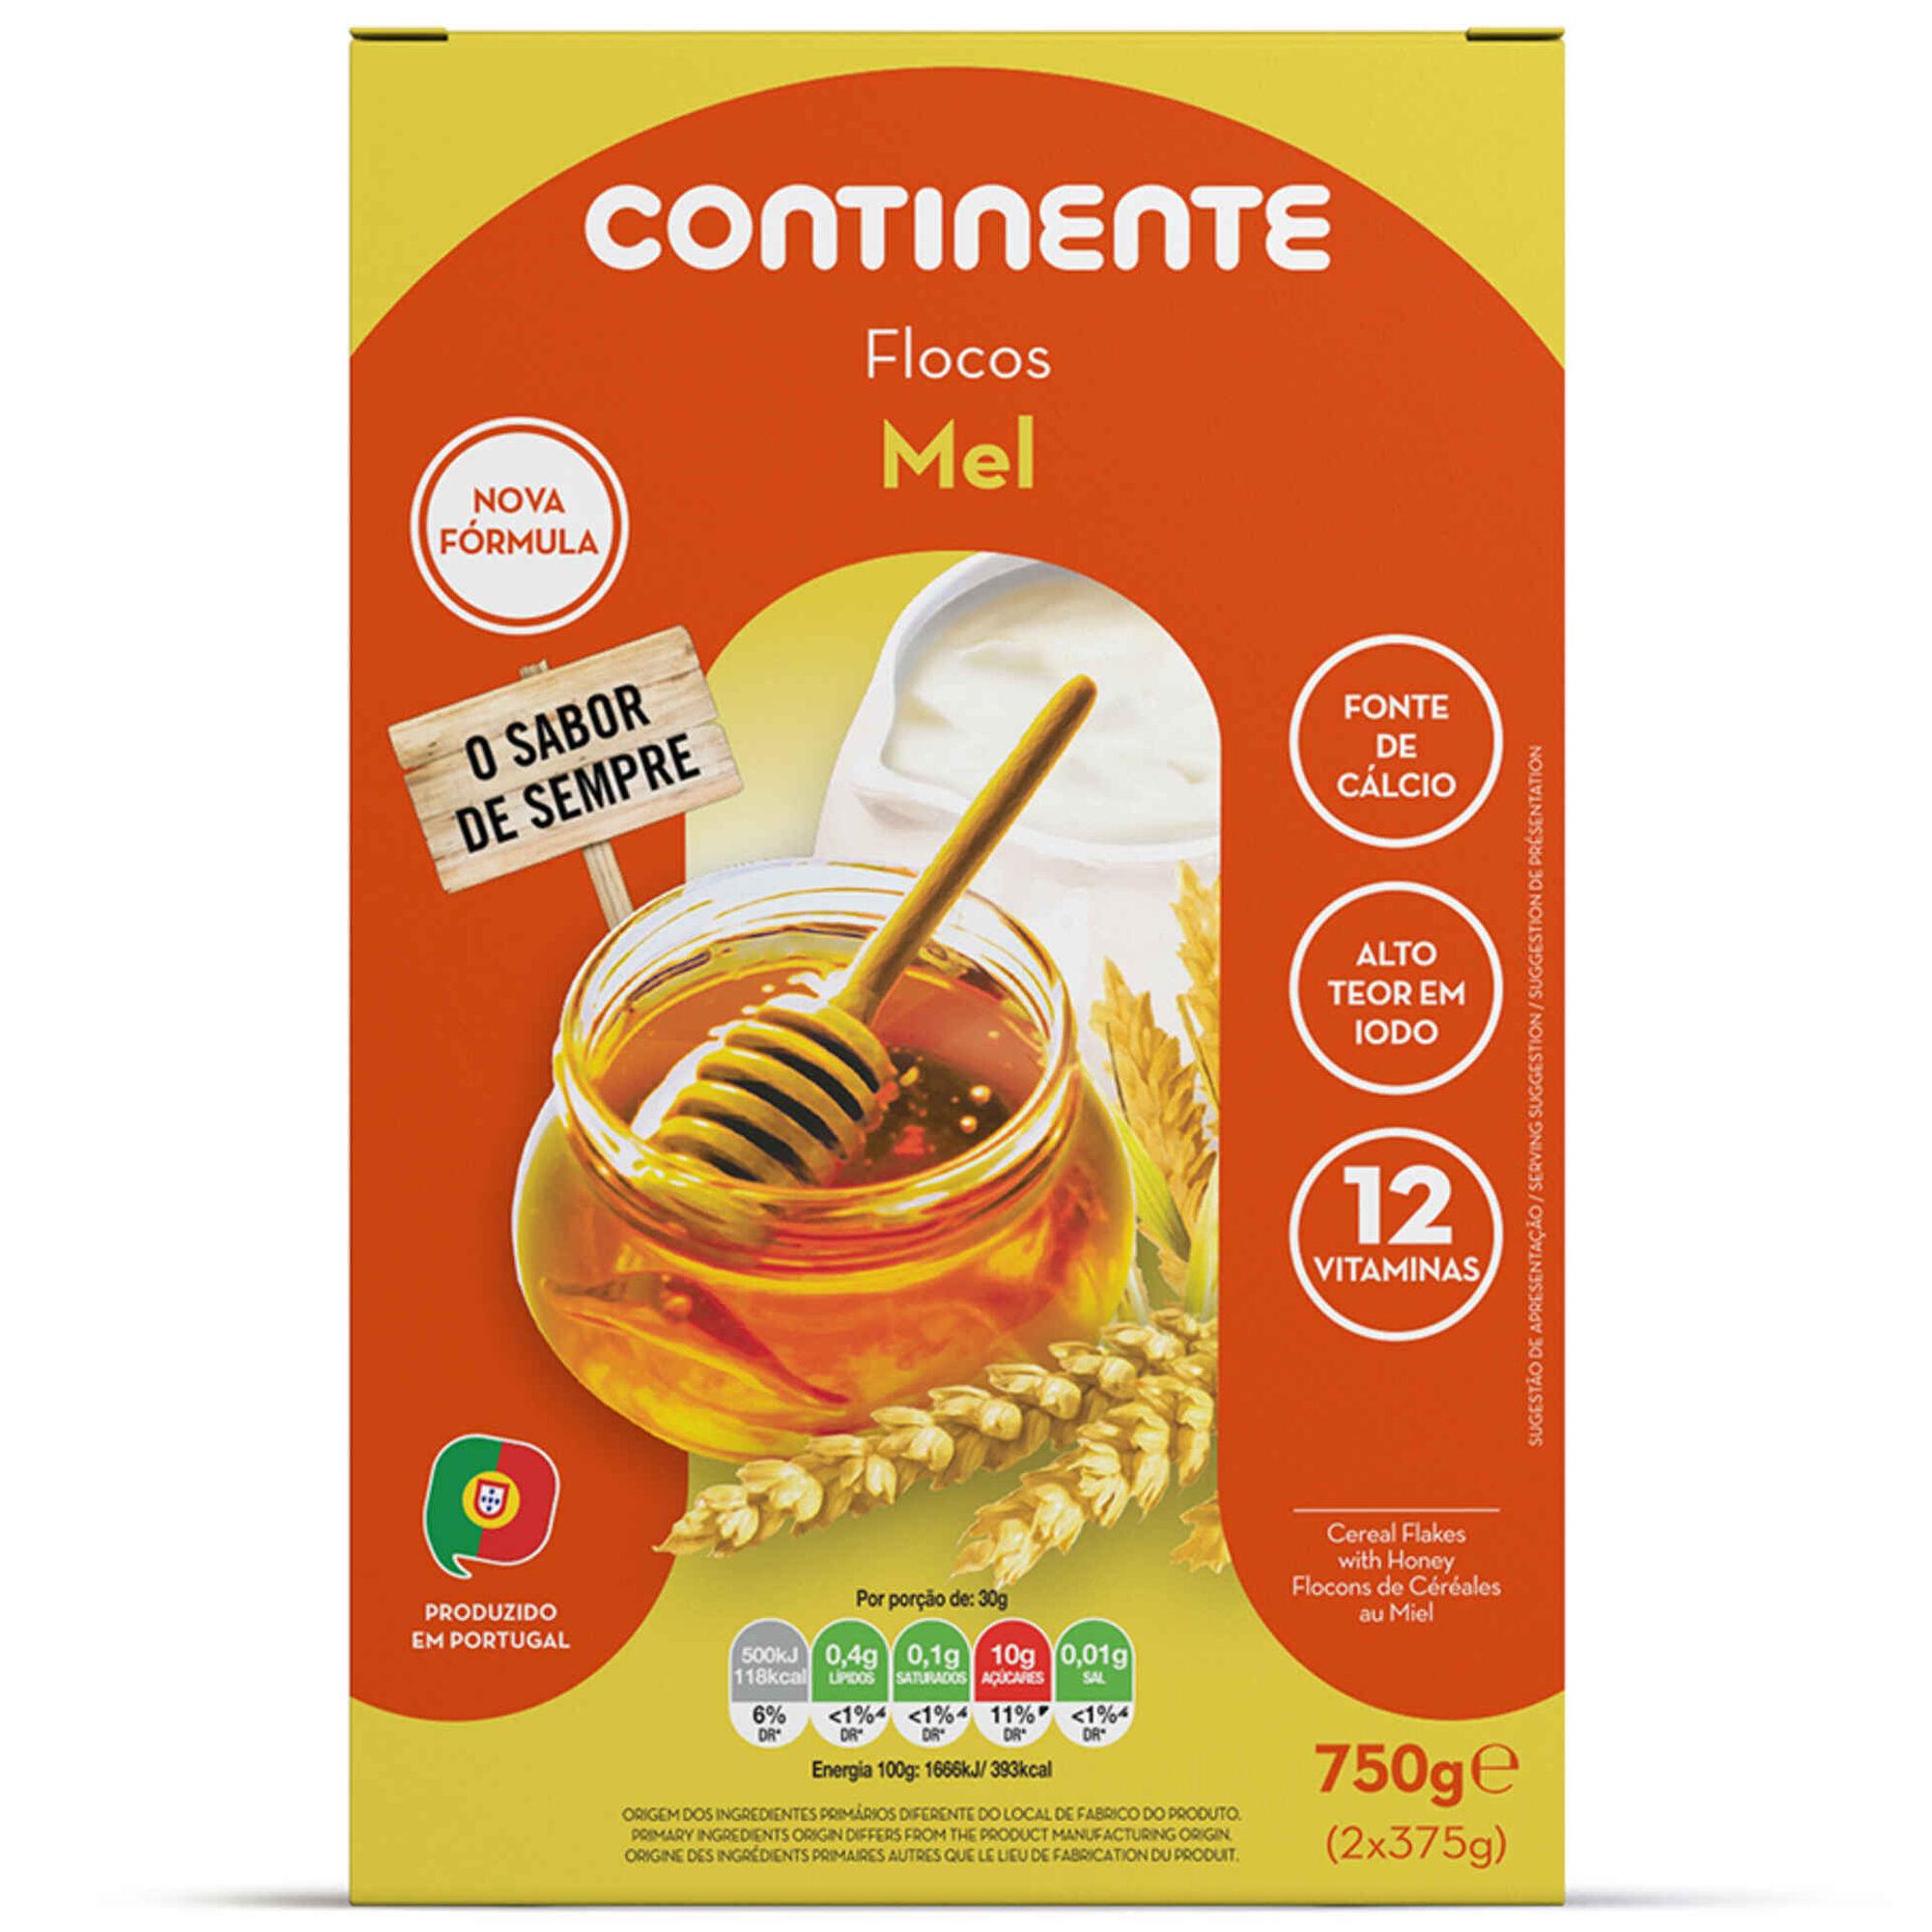 Flocos de Cereais com Mel